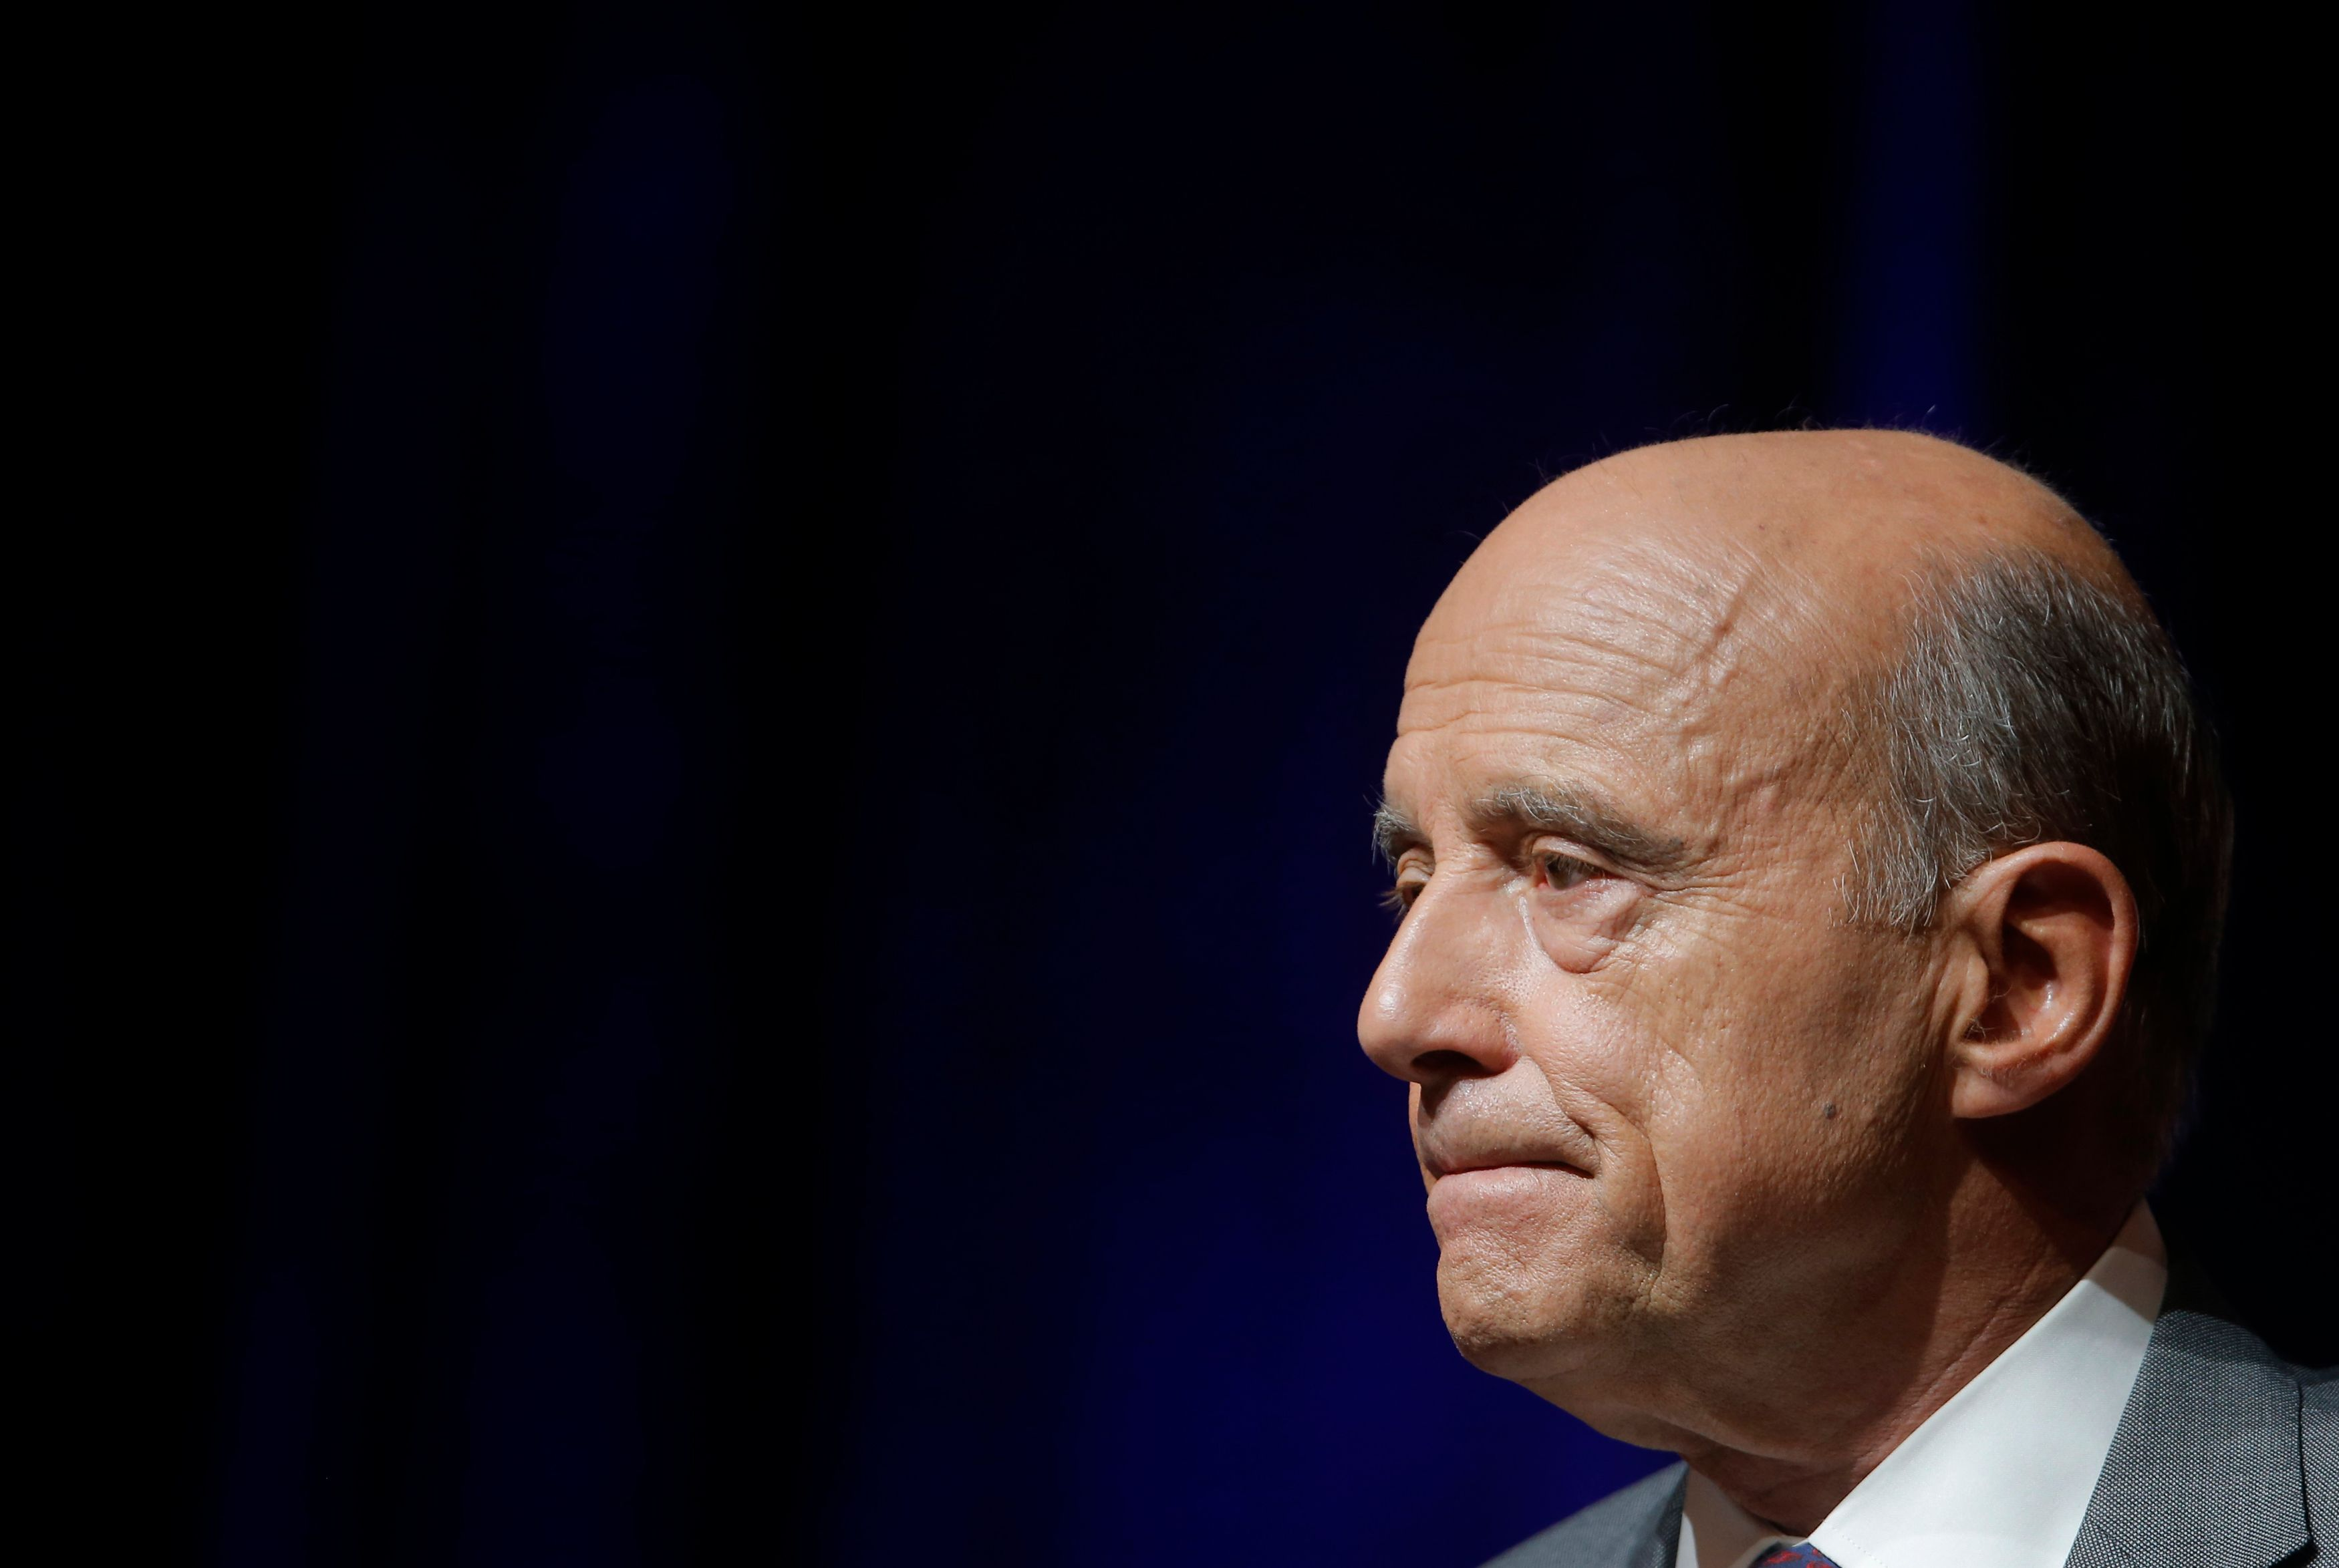 """Alain Juppé met en garde contre """"le désastre"""" du FN et condamne """"la trahison"""" de Dupont-Aignan"""